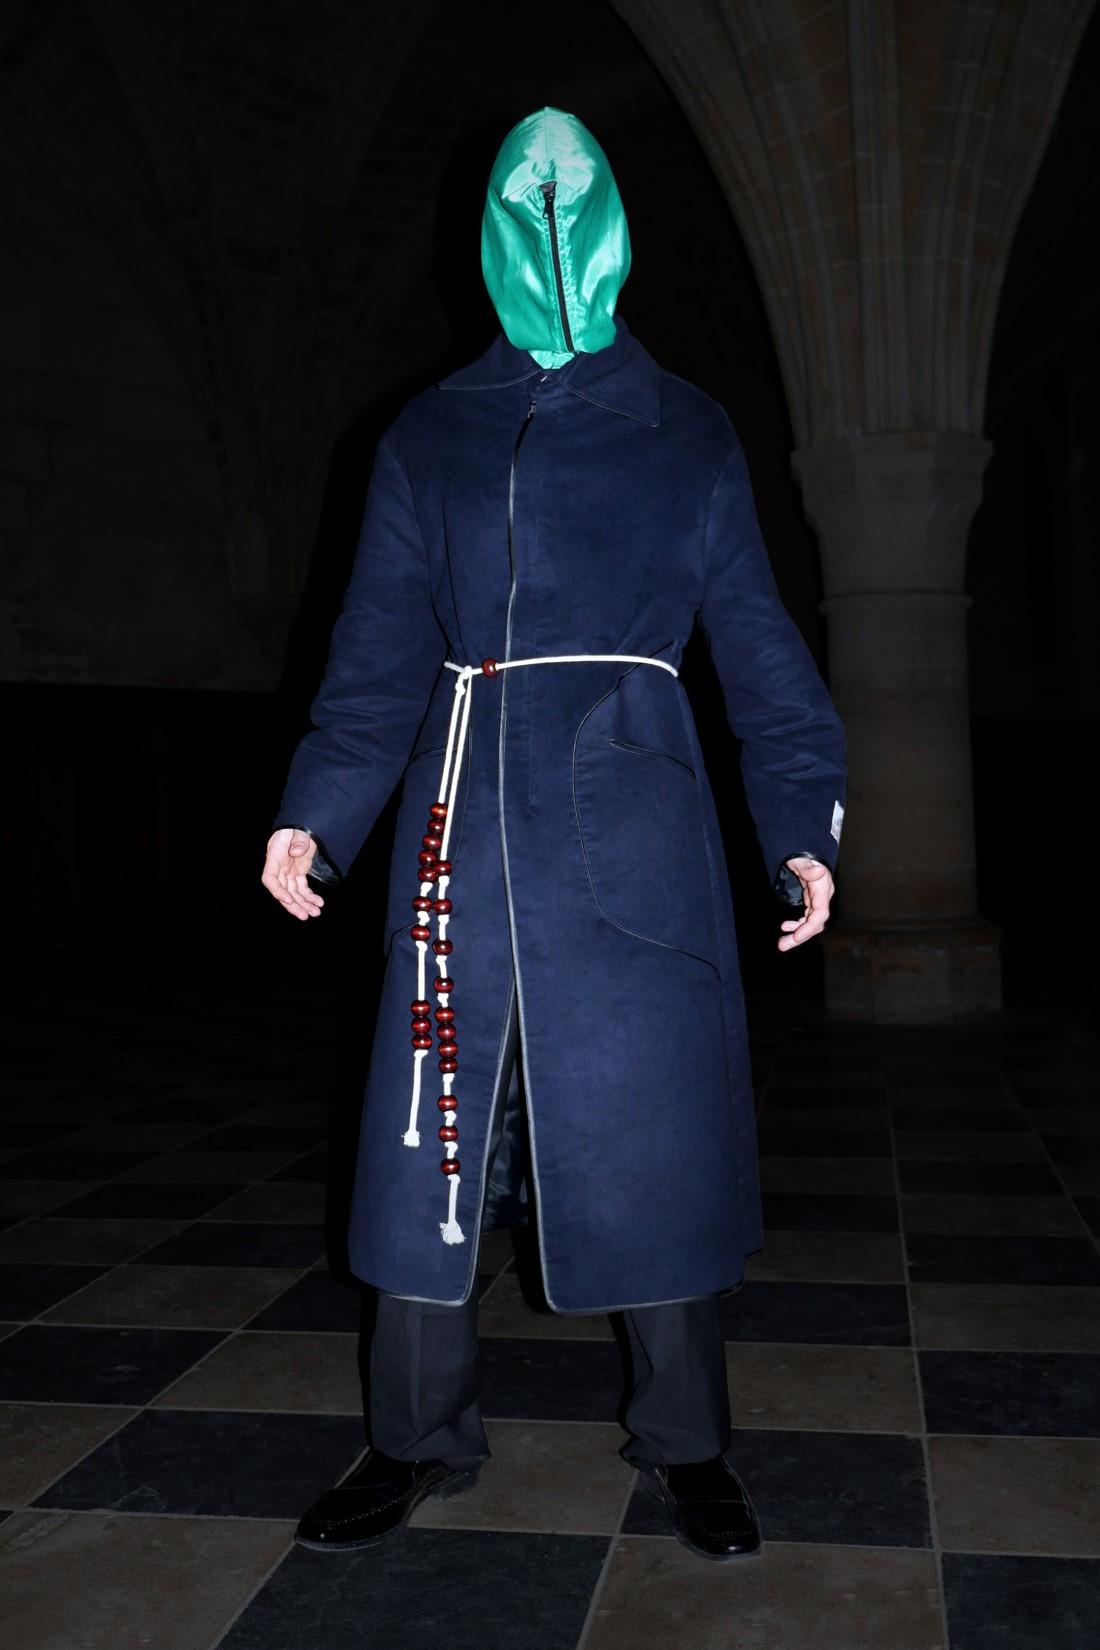 Boramy Viguier - Automne-Hiver 2021 - Paris Fashion Week